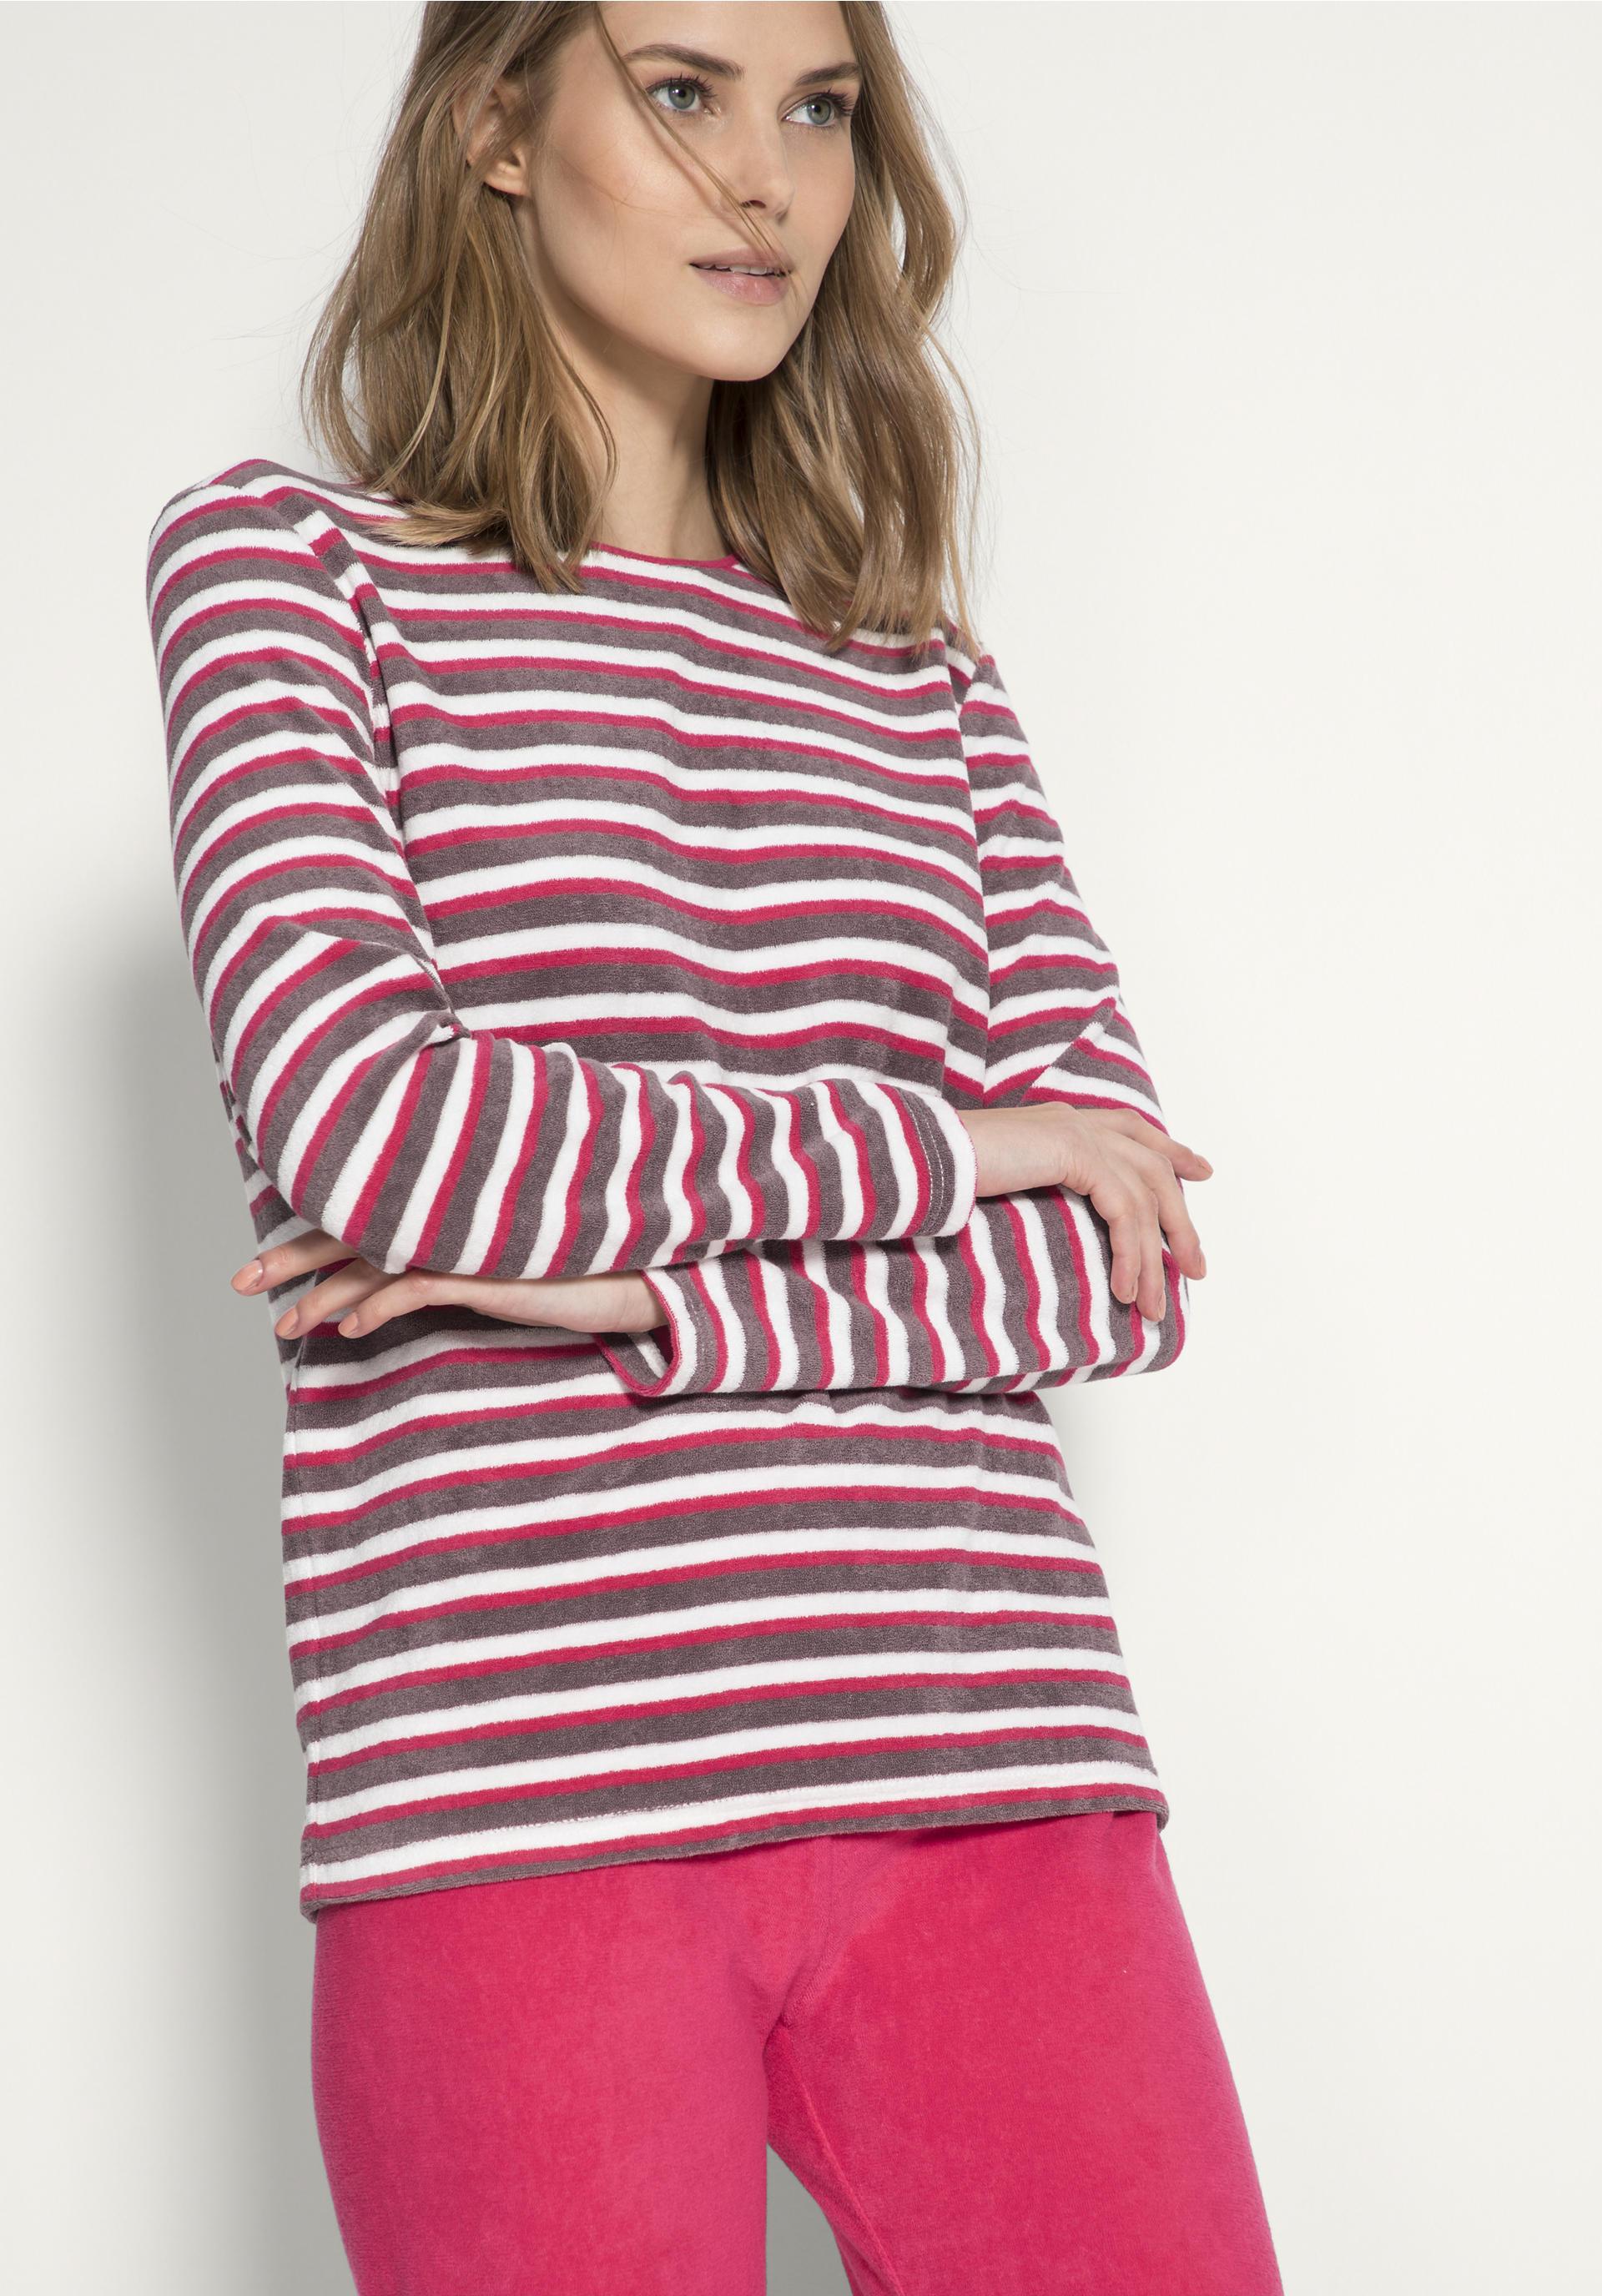 große Vielfalt Modelle Original- Einkaufen Damen Frottee-Sweatshirt aus reiner Bio-Baumwolle von hessnatur